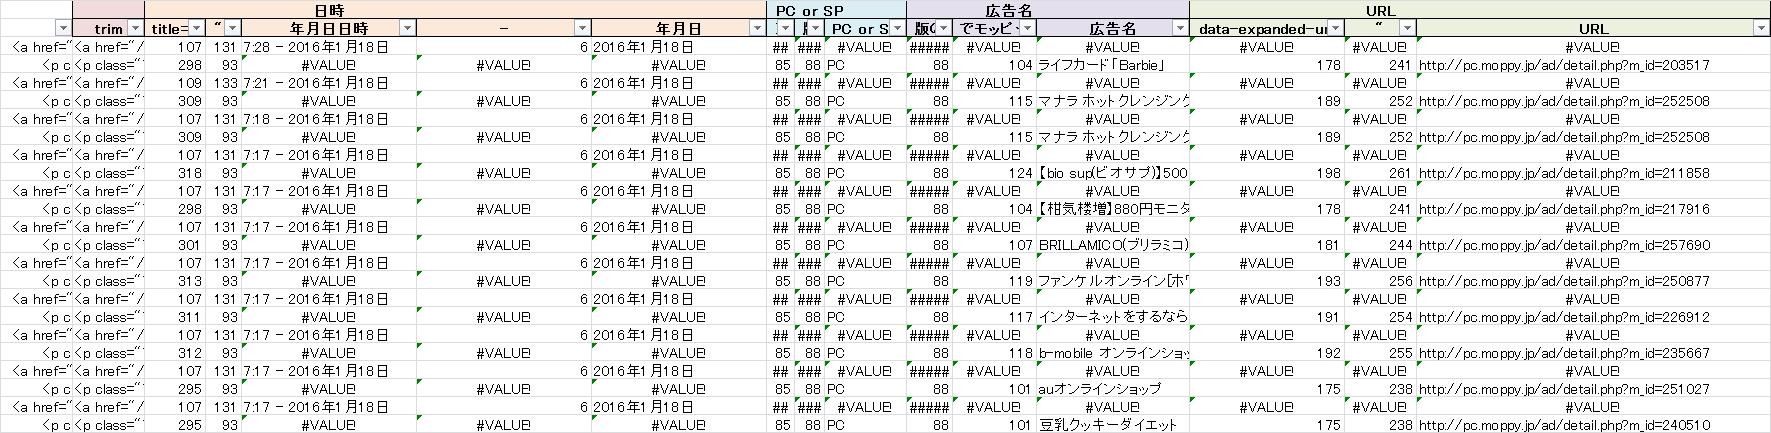 加工作業用のエクセルの一部。「#VALUE」のセルが多いですが、フィルタをかけたりするとイイ感じに必要箇所のみ抽出できます。